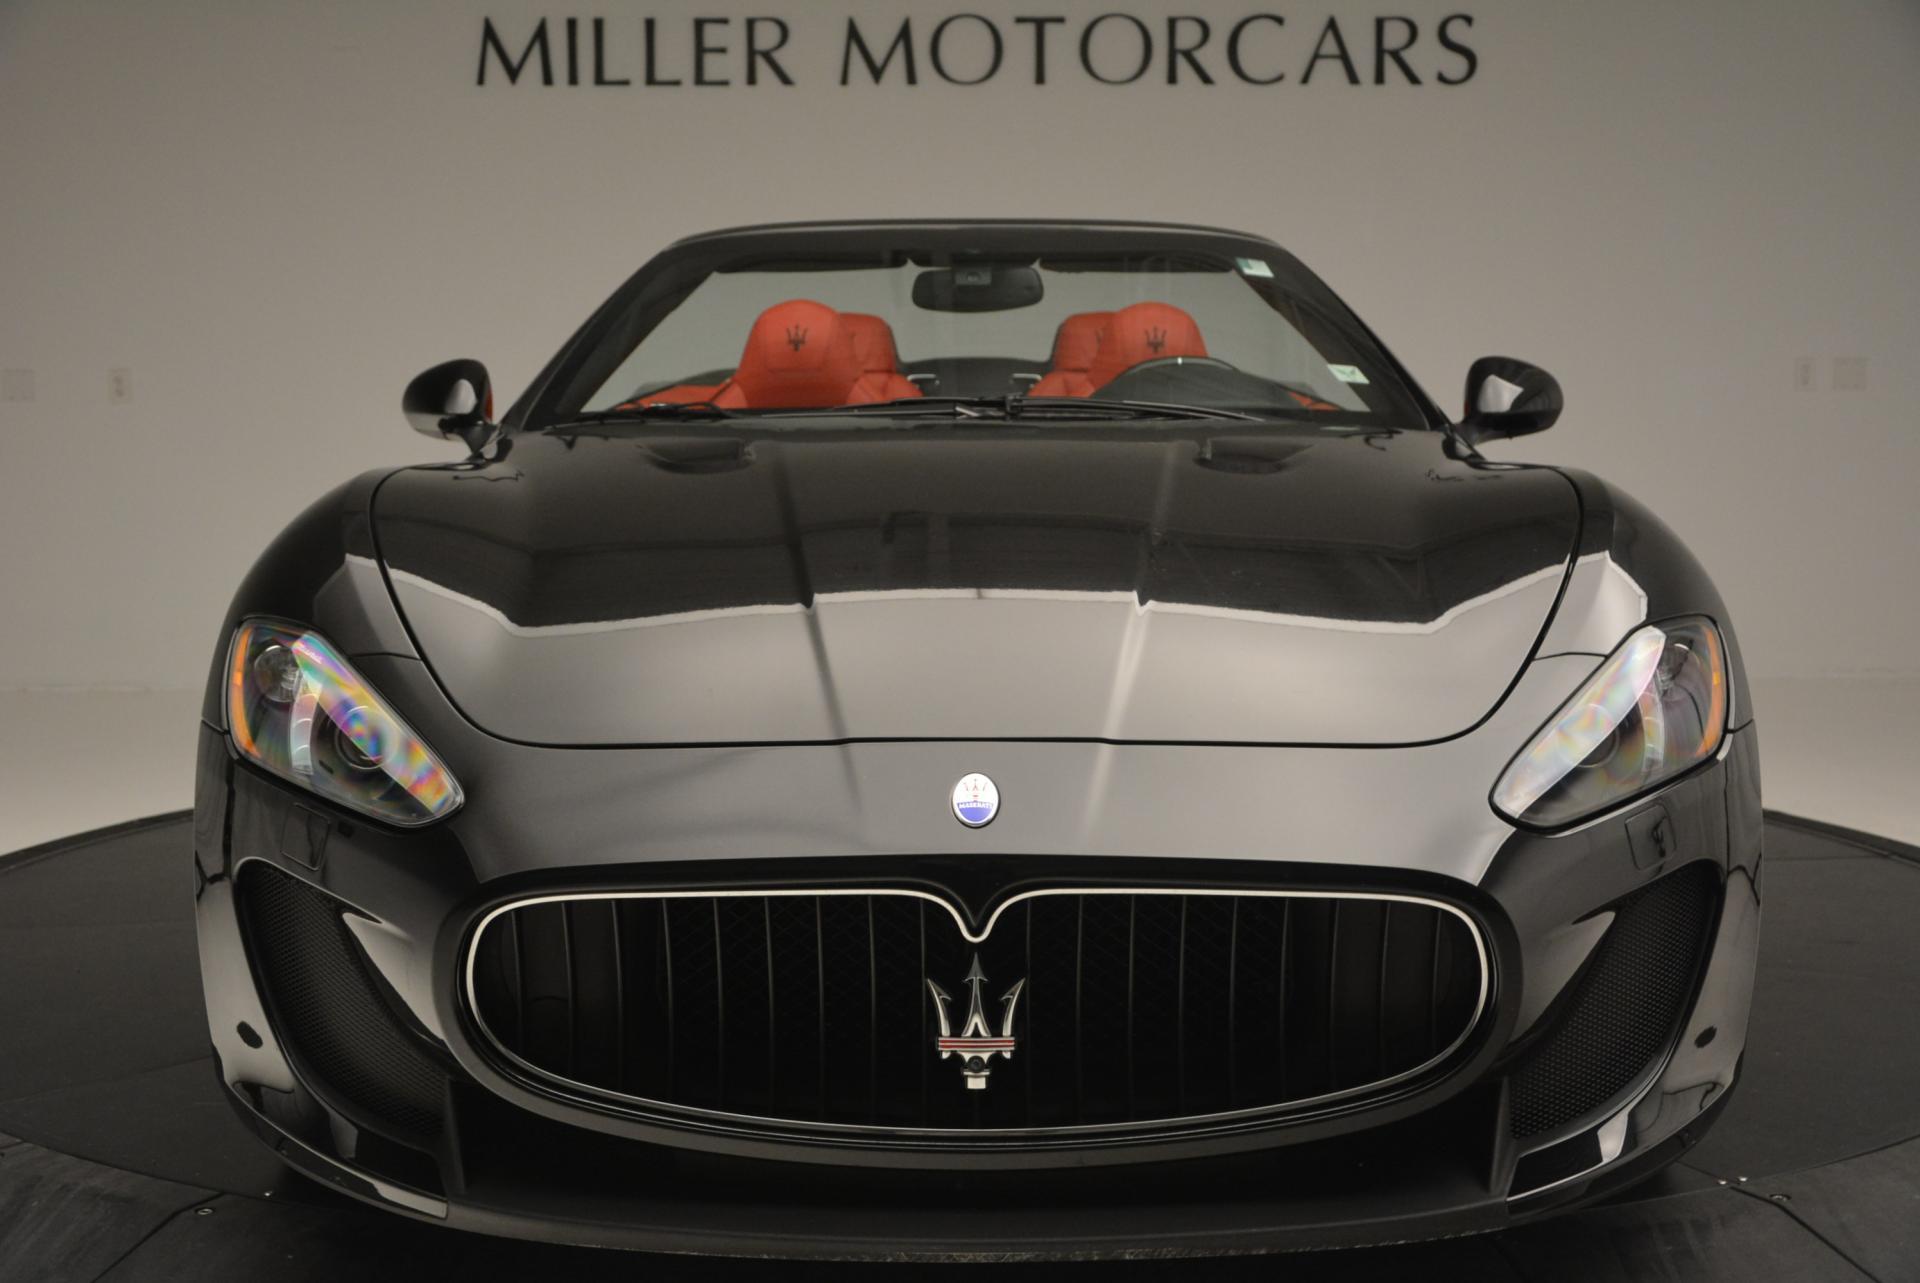 Used 2013 Maserati GranTurismo MC For Sale In Westport, CT 521_p20